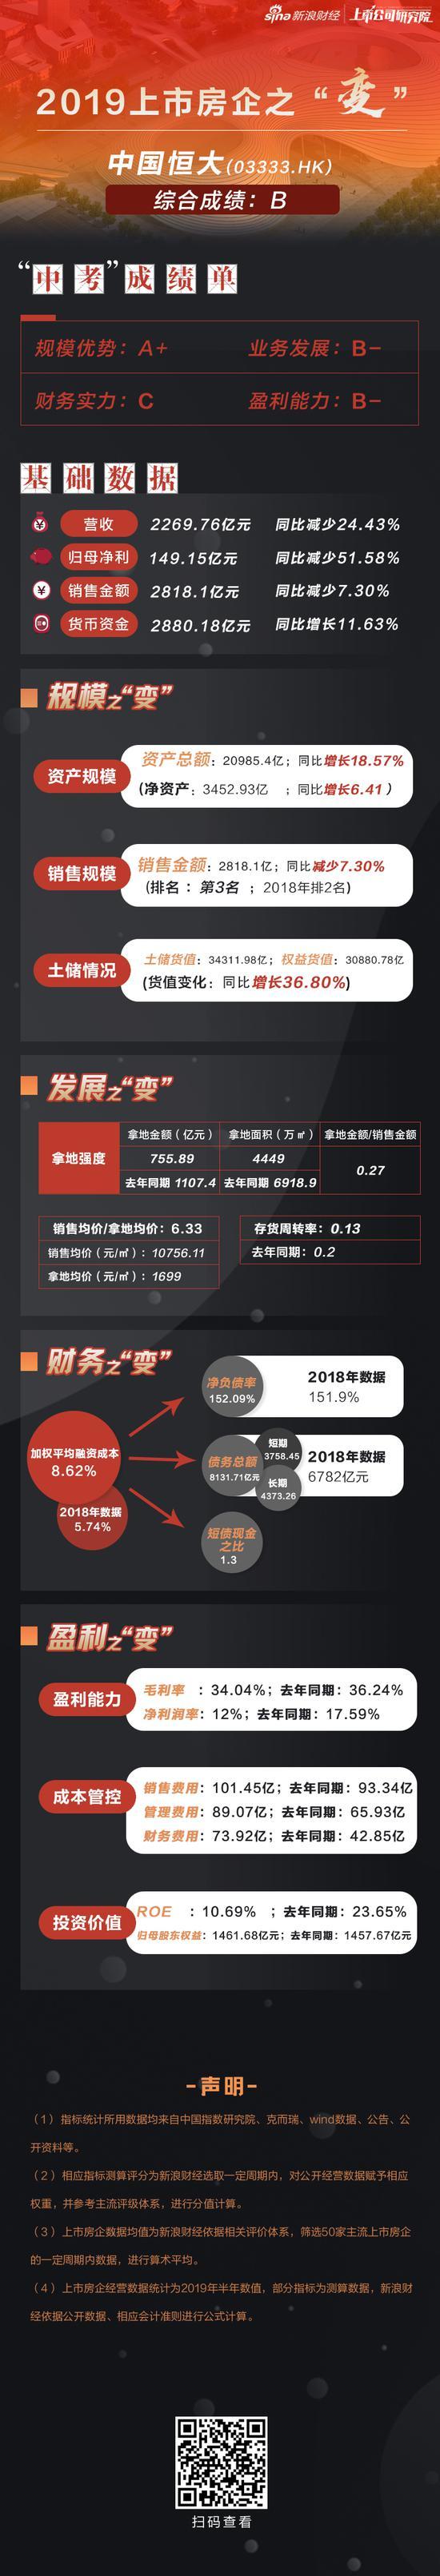 [房企图鉴]中国恒大营收净利双降 存短期偿债压力